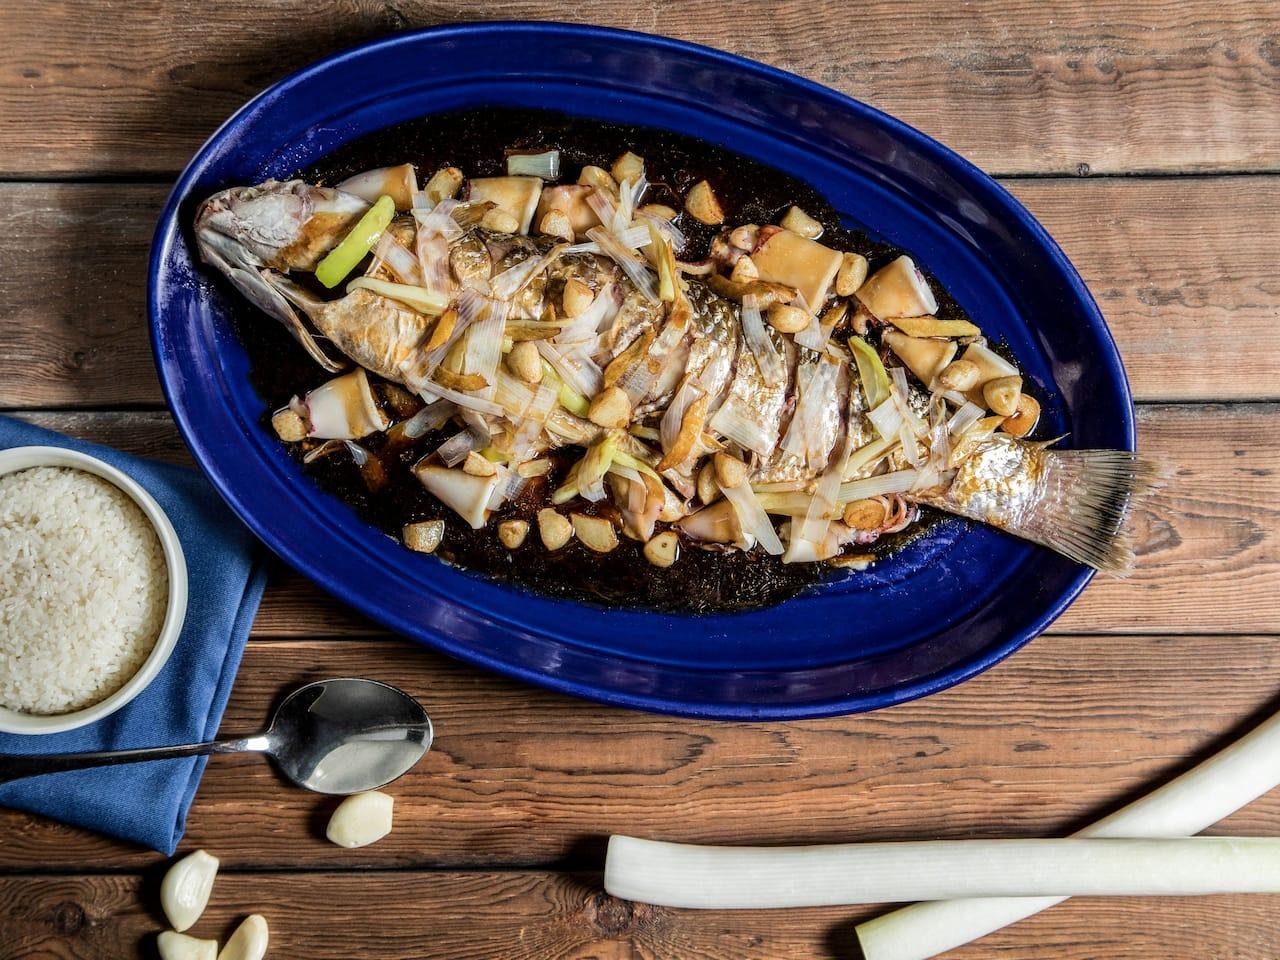 Dong Hai 88 - fish